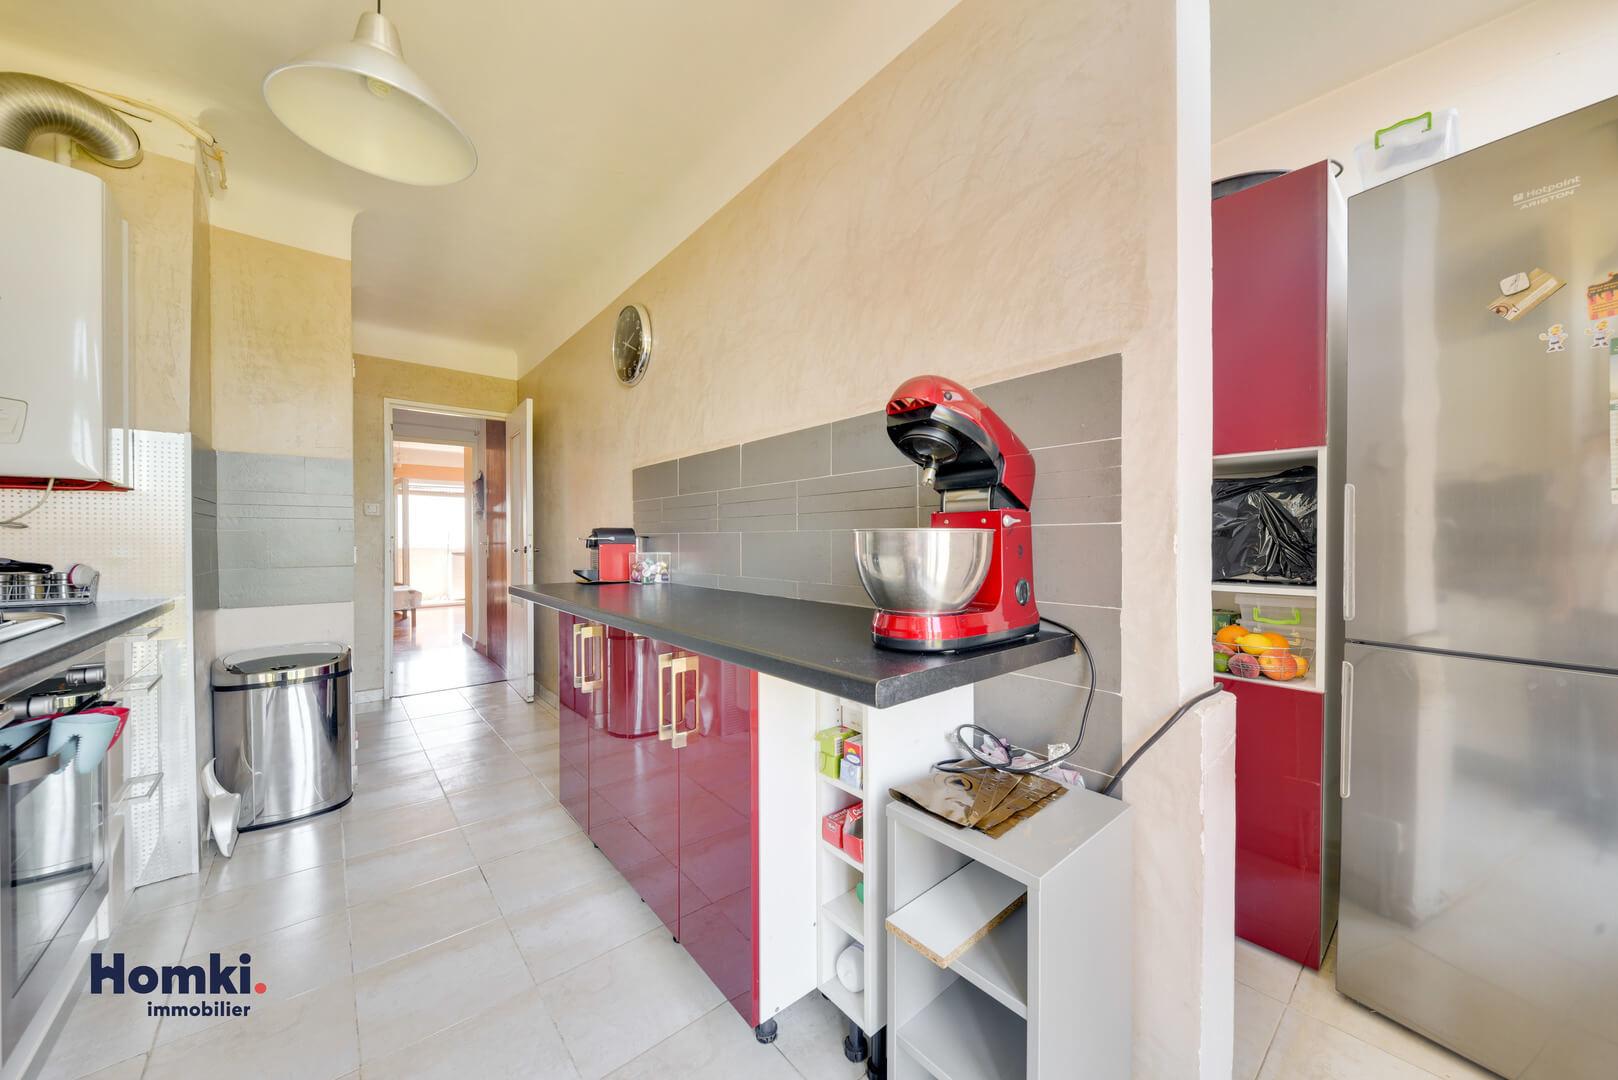 Vente Appartement 54 m² T3 13015_5